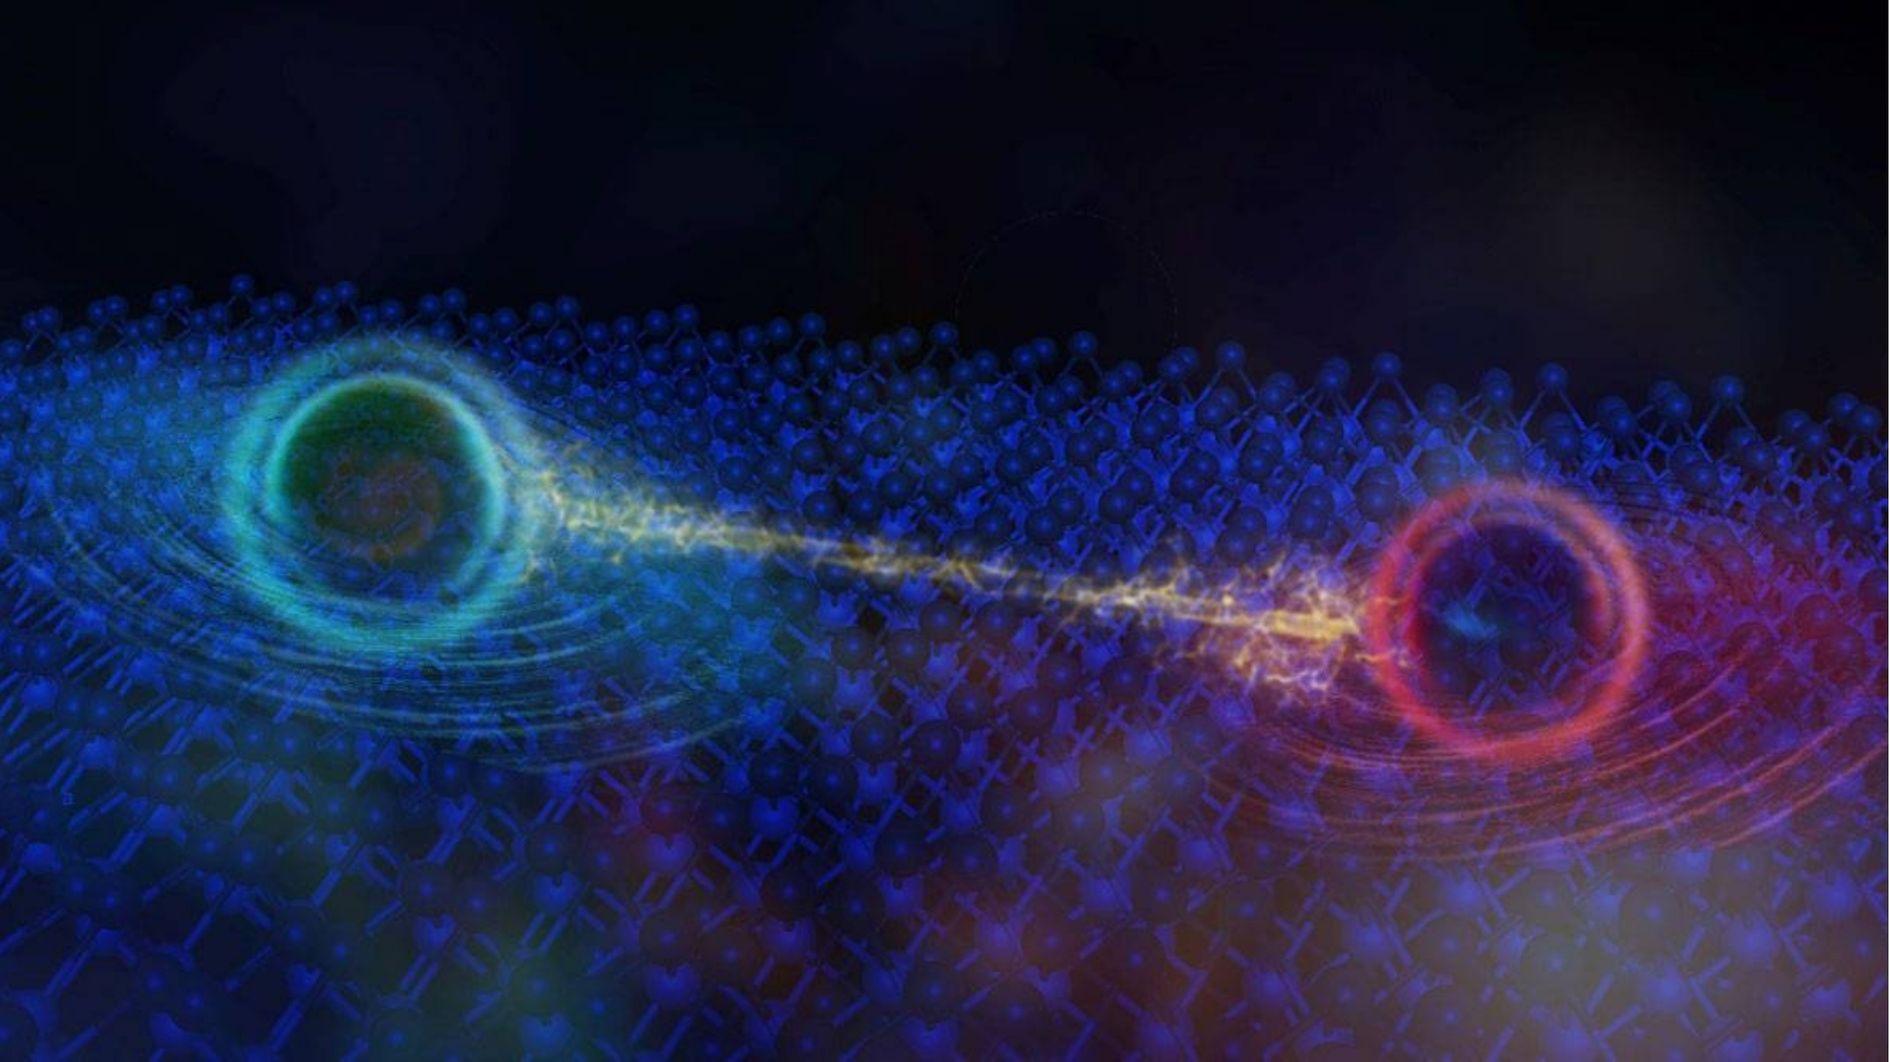 絶縁体の内部では準粒子が電子を運んでいる